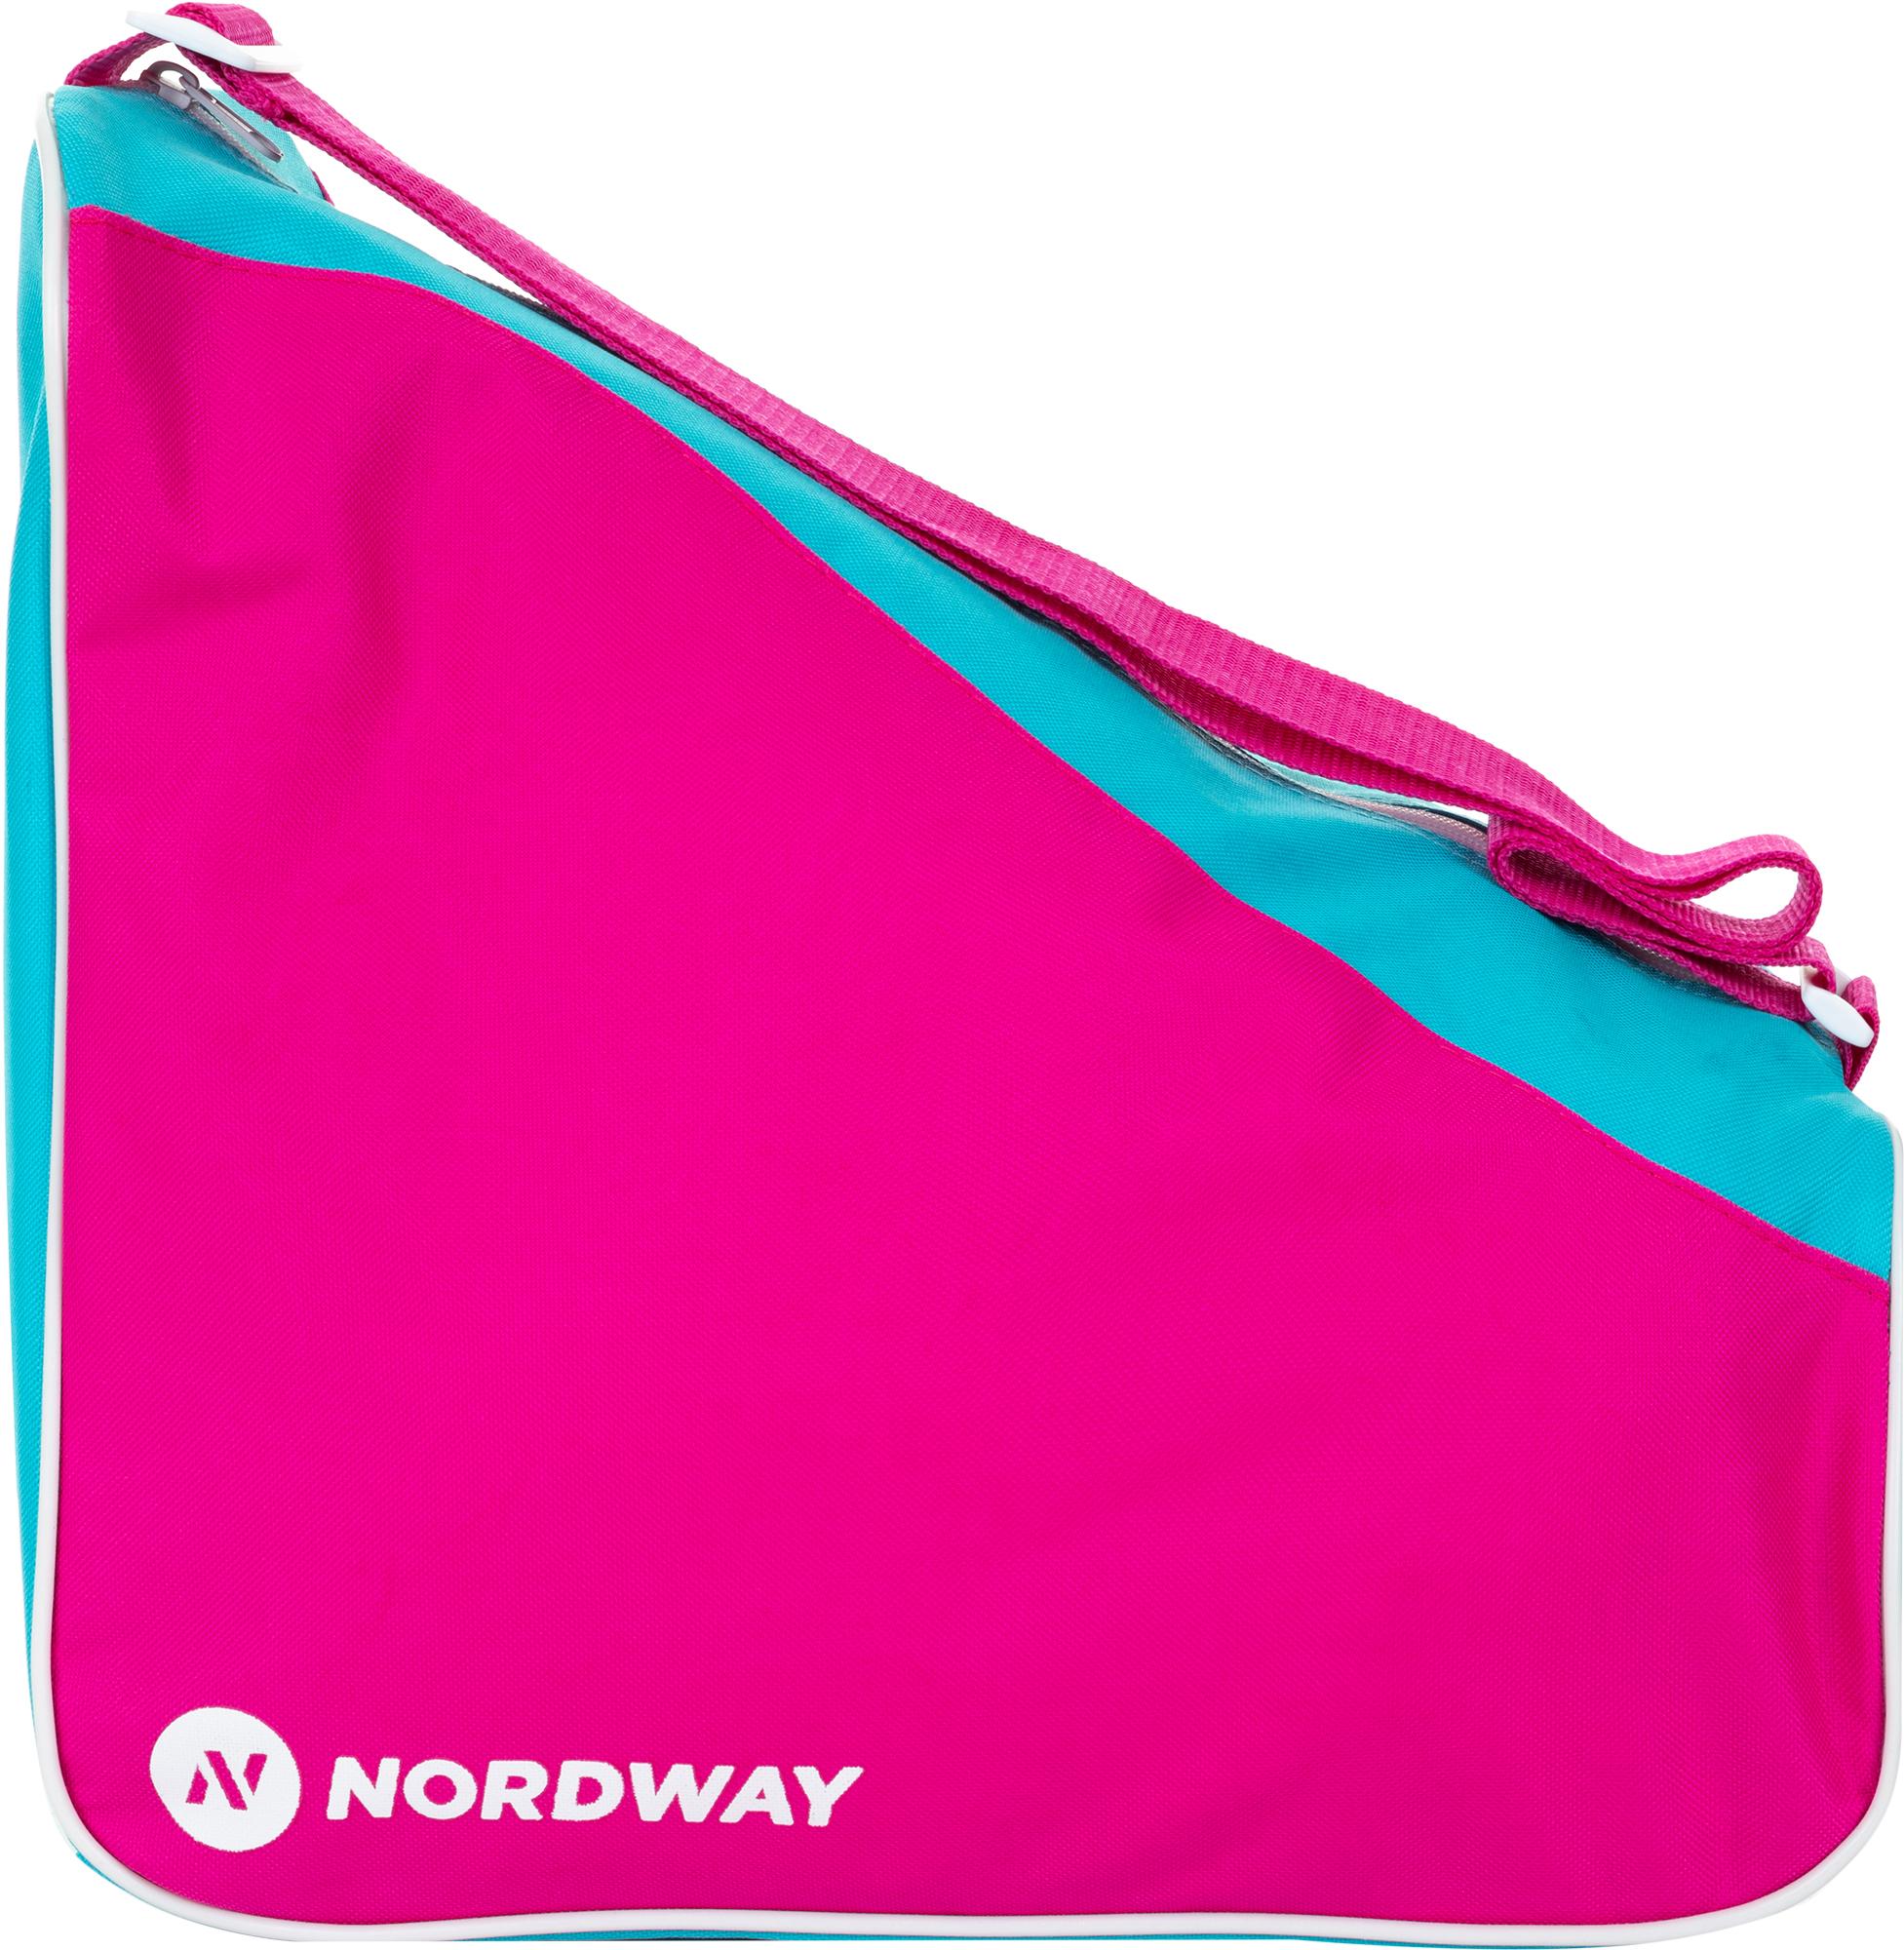 цена на Nordway Сумка для переноски ледовых коньков детская Nordway, размер Без размера